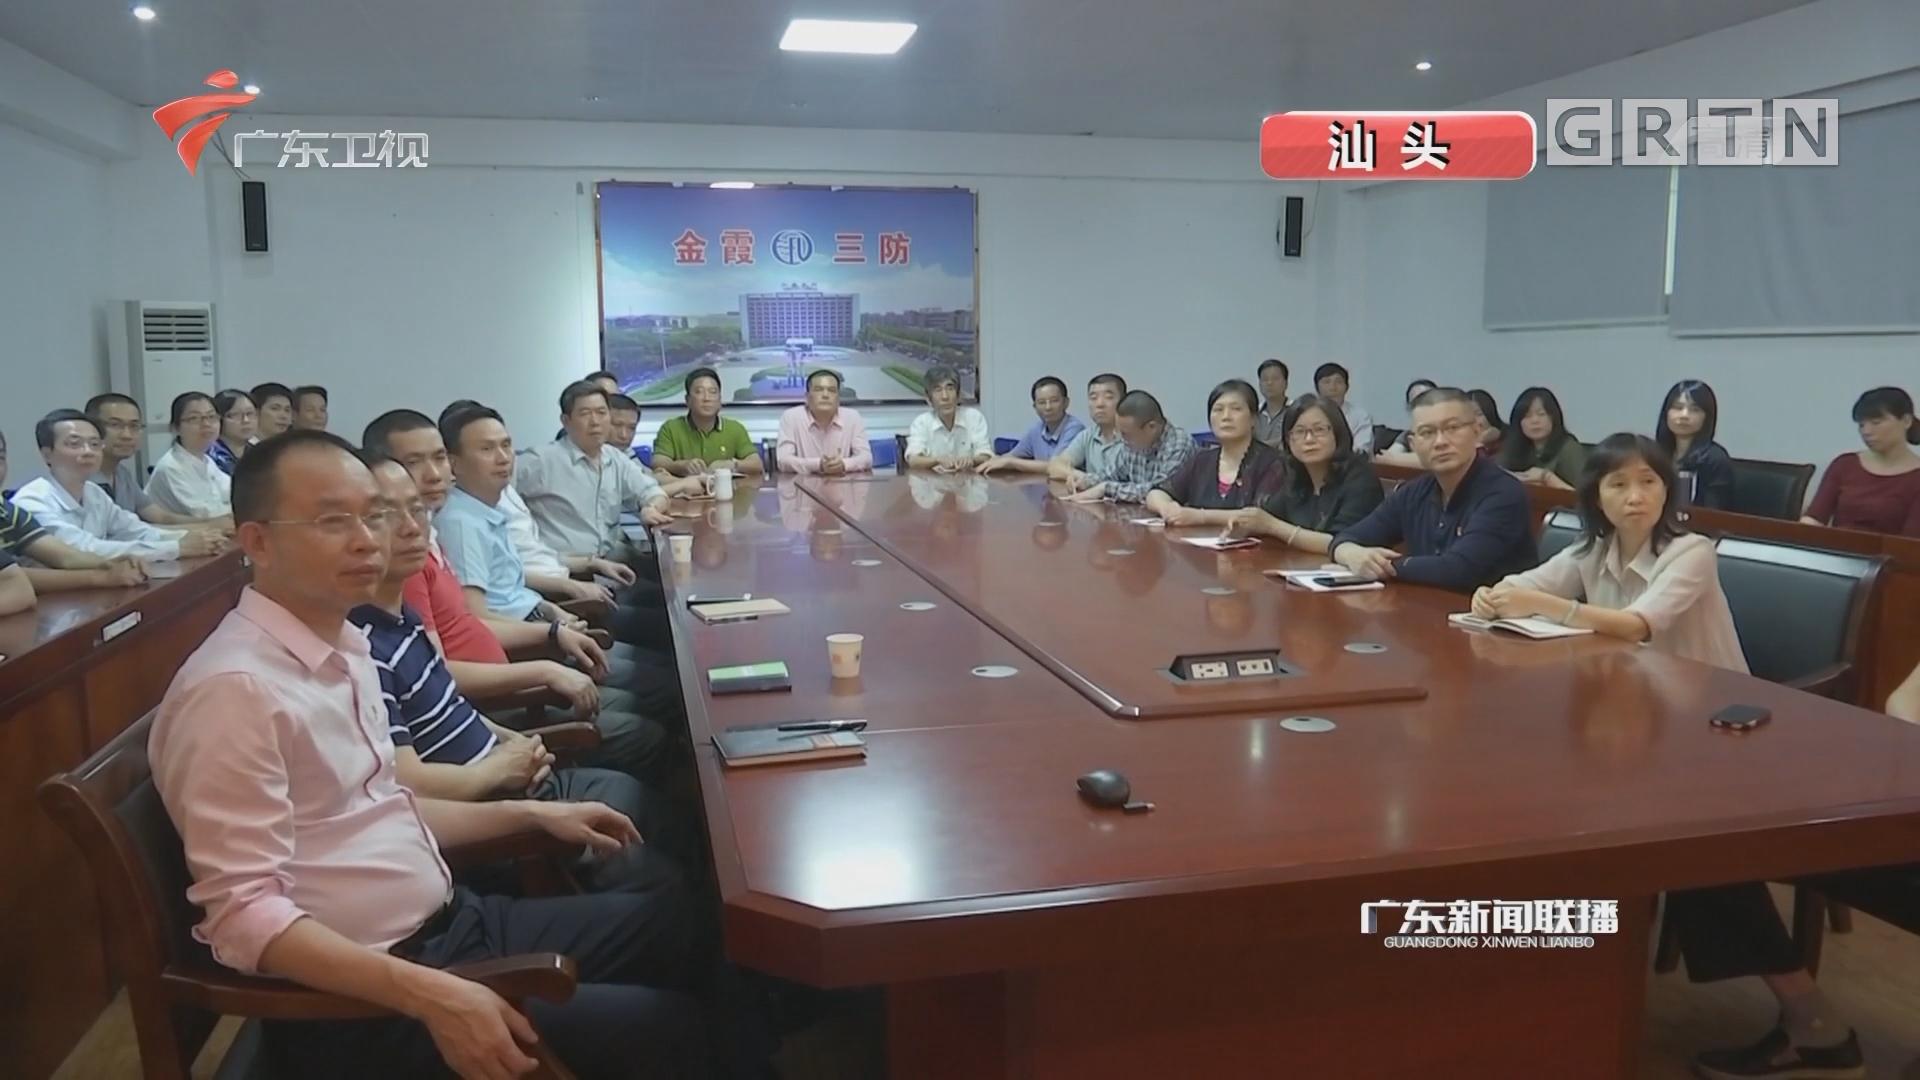 习近平总书记在庆祝海南建省办经济特区30周年大会上的重要讲话引起强烈反响